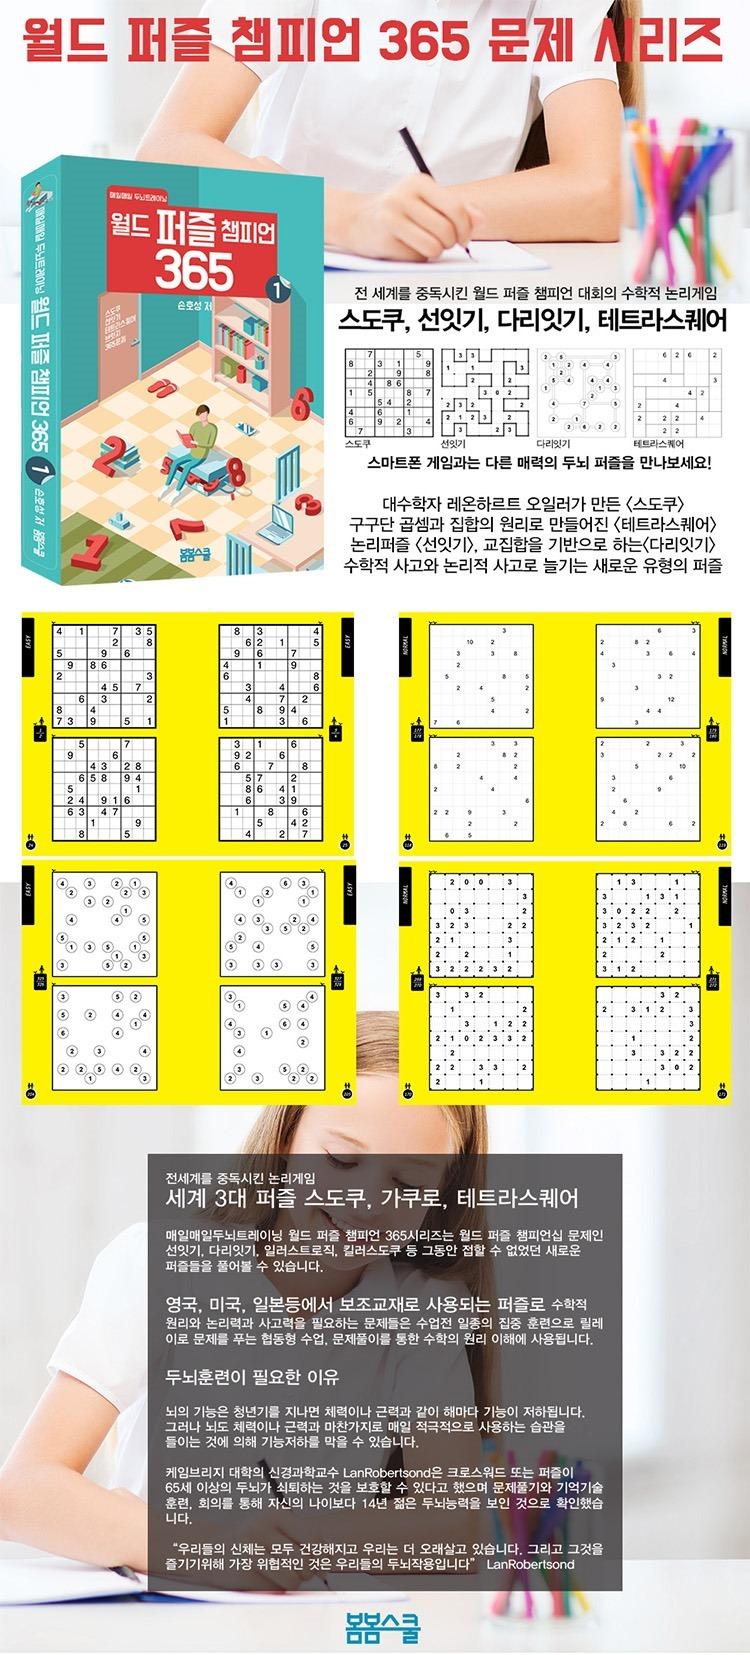 월드 퍼즐 챔피언 365 1본문 이미지